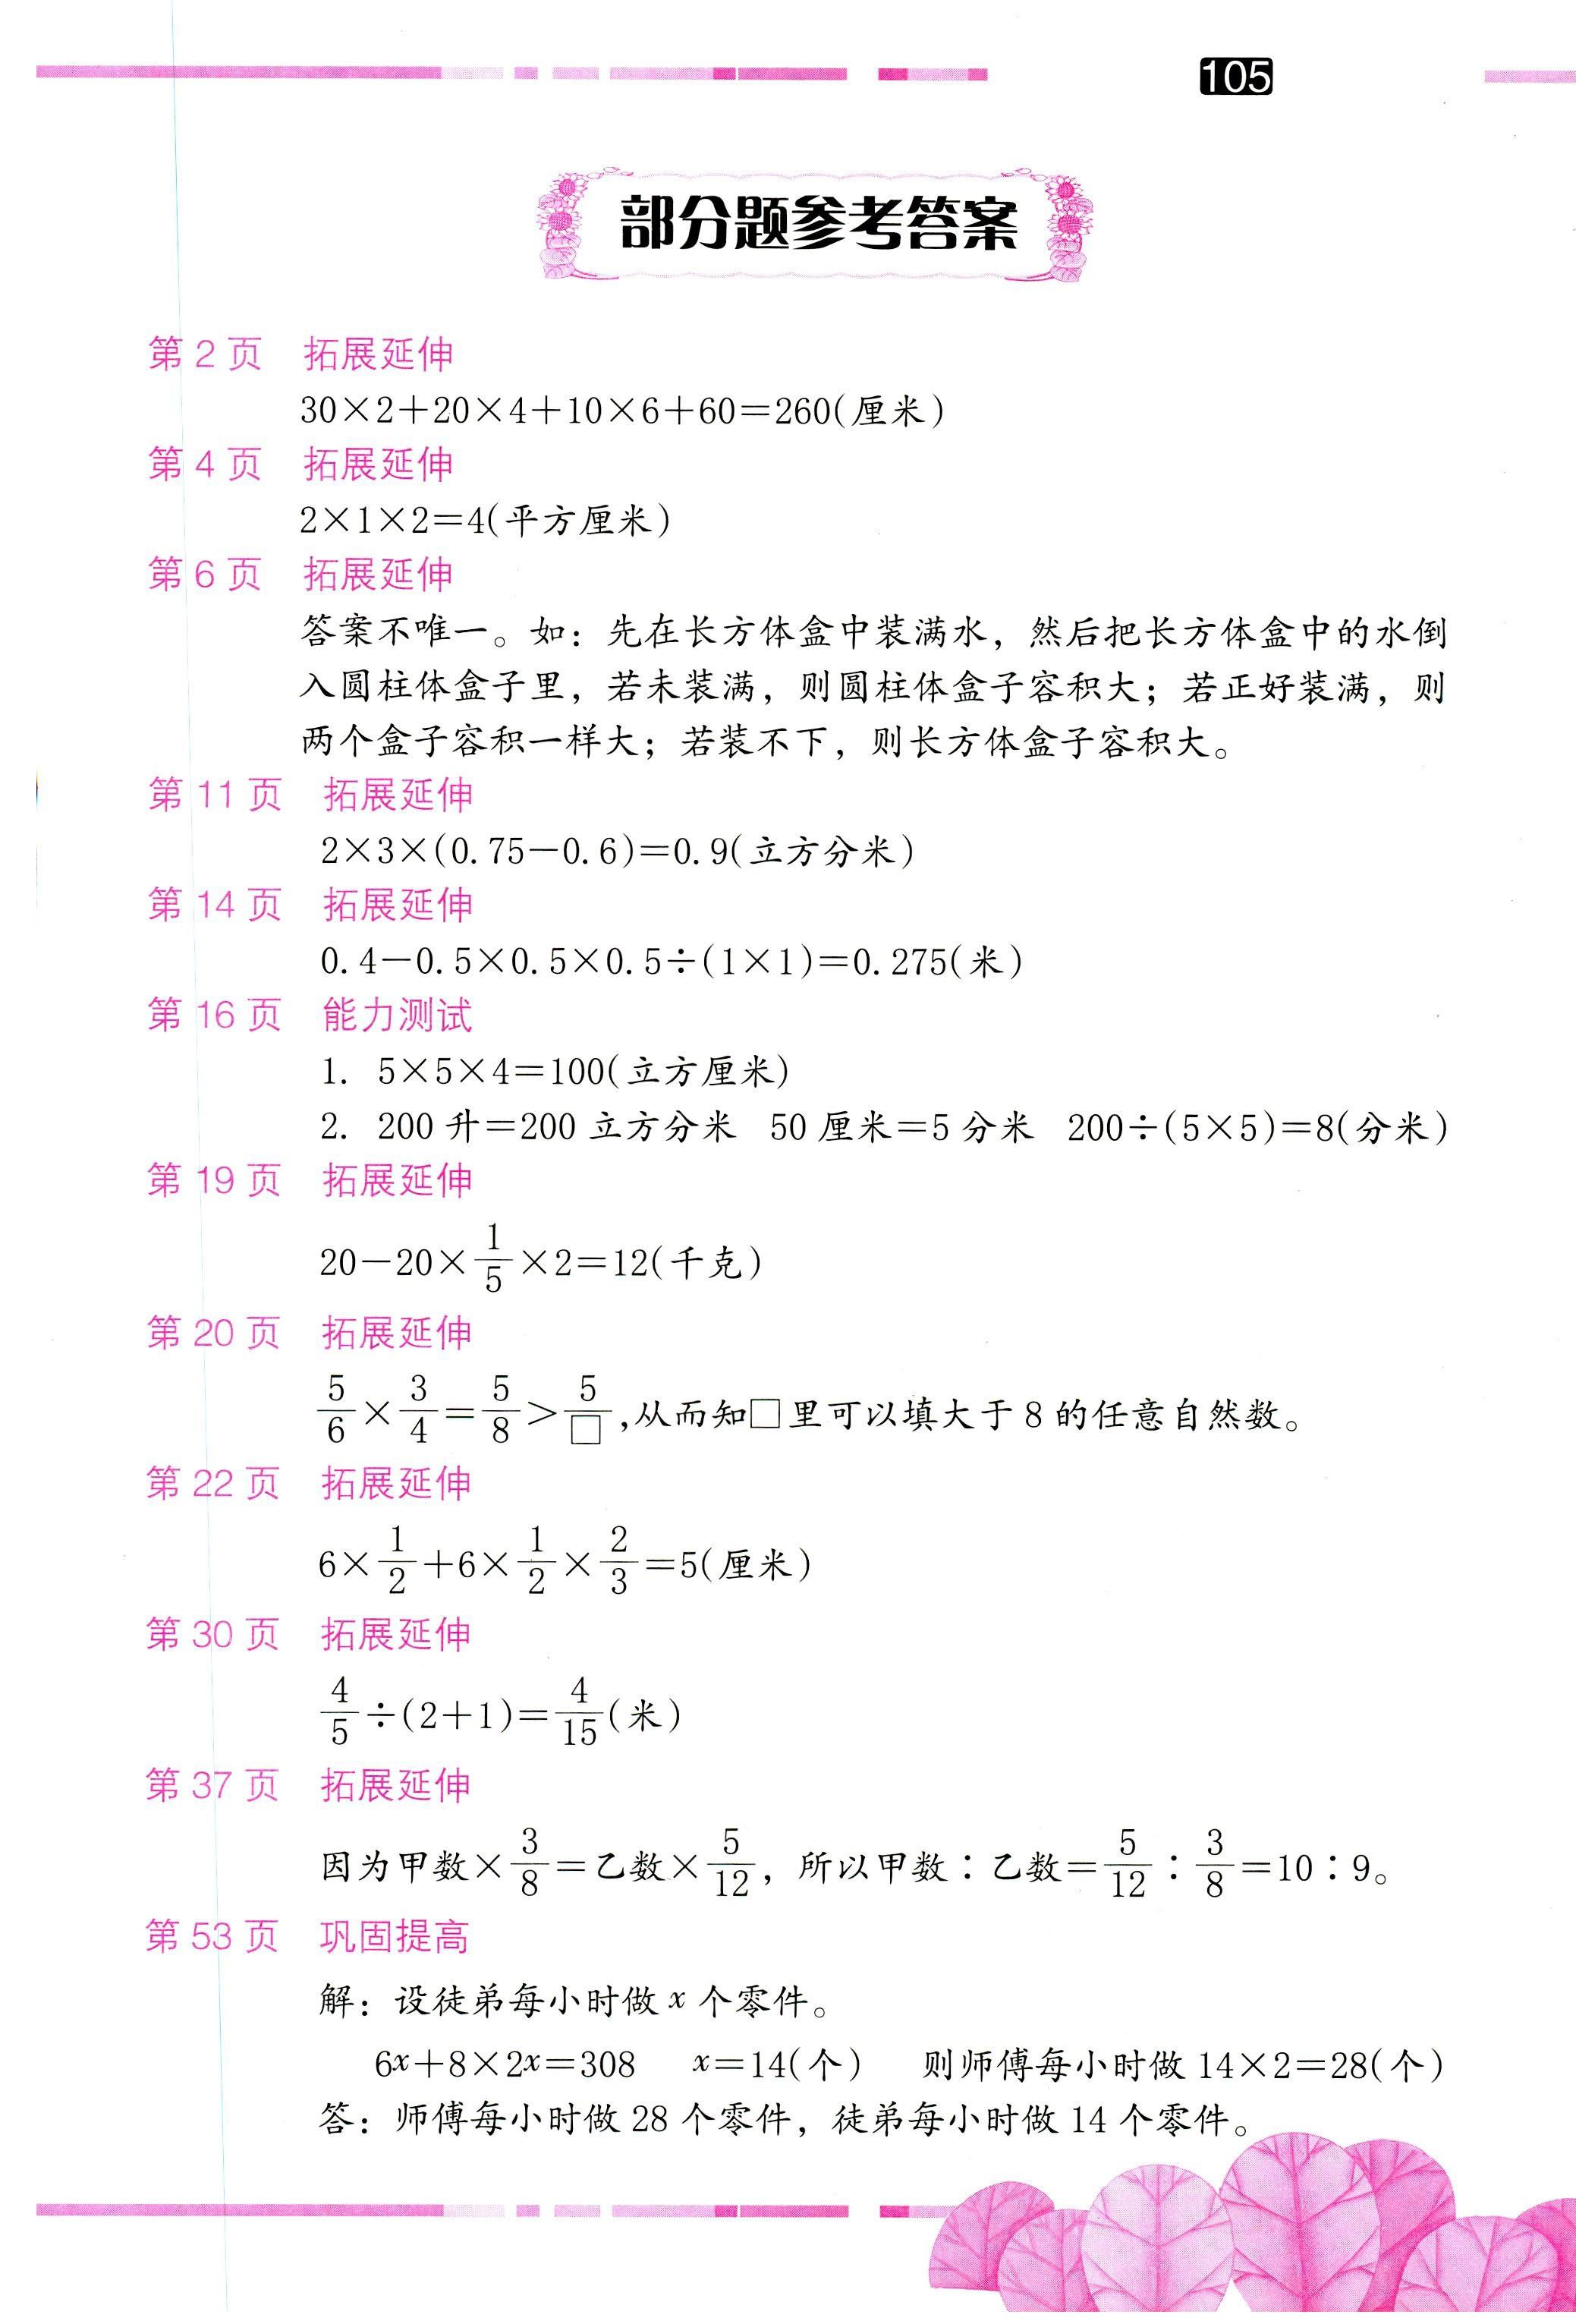 2018年数学学习与巩固六年级苏教版第1页